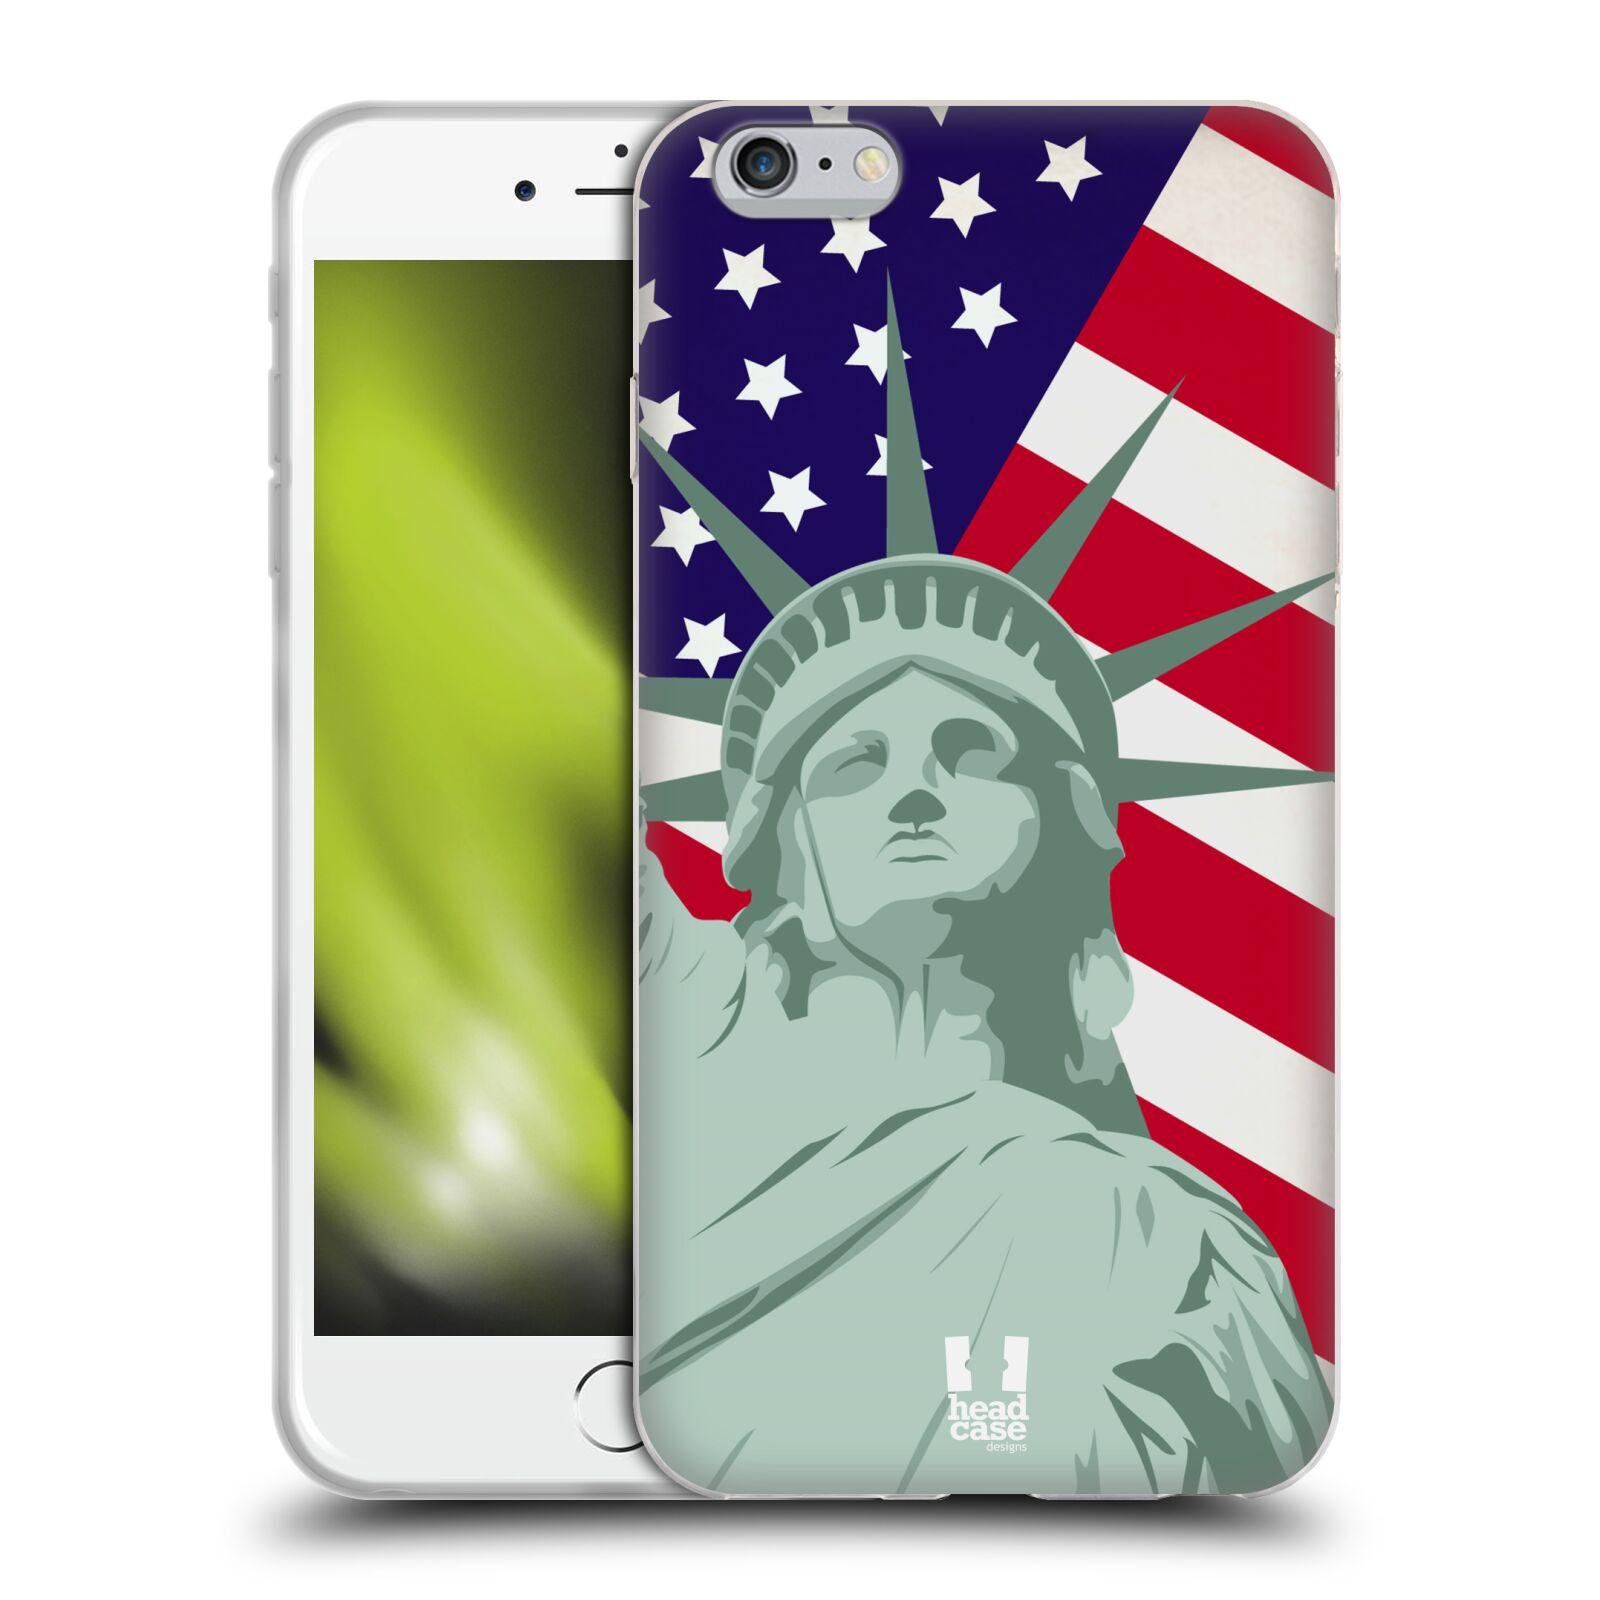 HEAD CASE silikonový obal na mobil Apple Iphone 6 PLUS/ 6S PLUS vzor Americká pýcha SOCHA SVOBODY